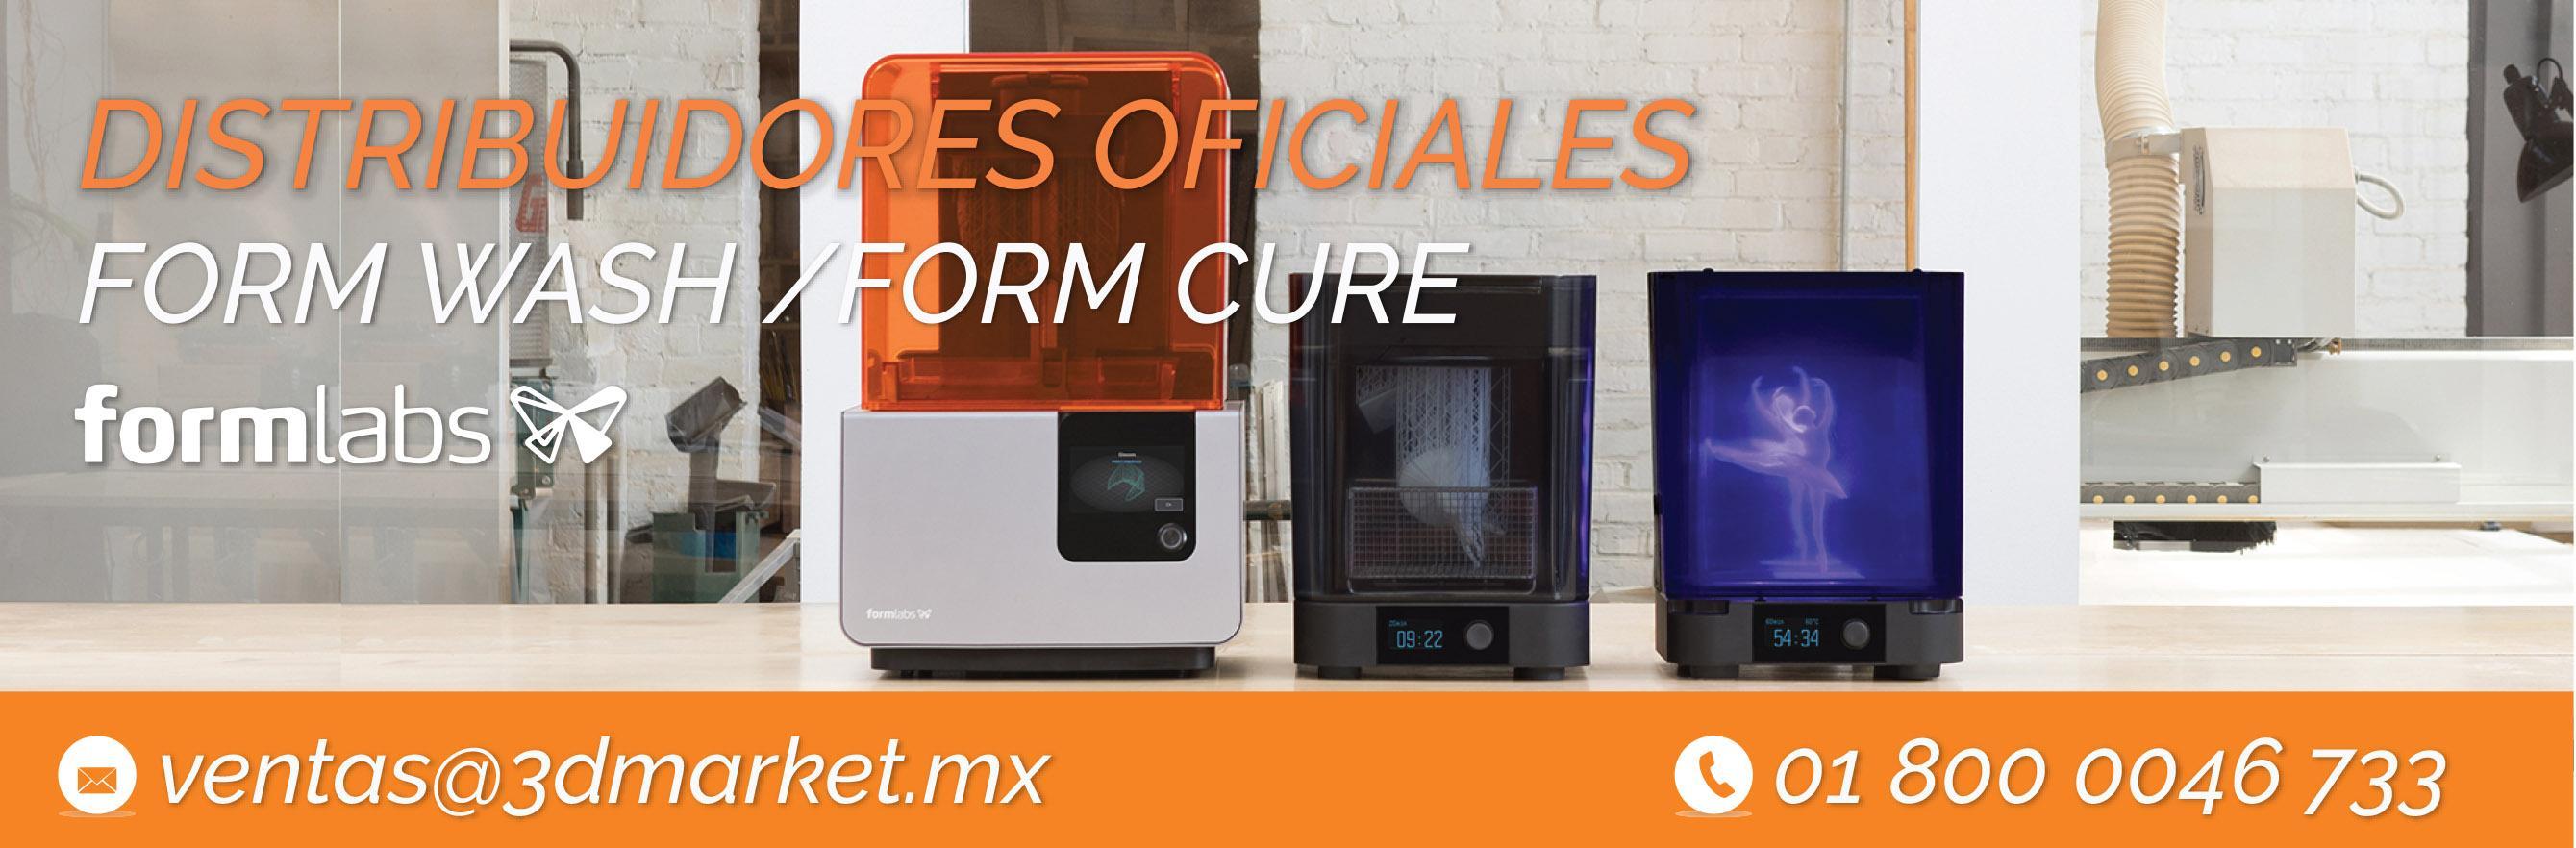 formlabs-distribuidoresoficiales-impresoras3d-1